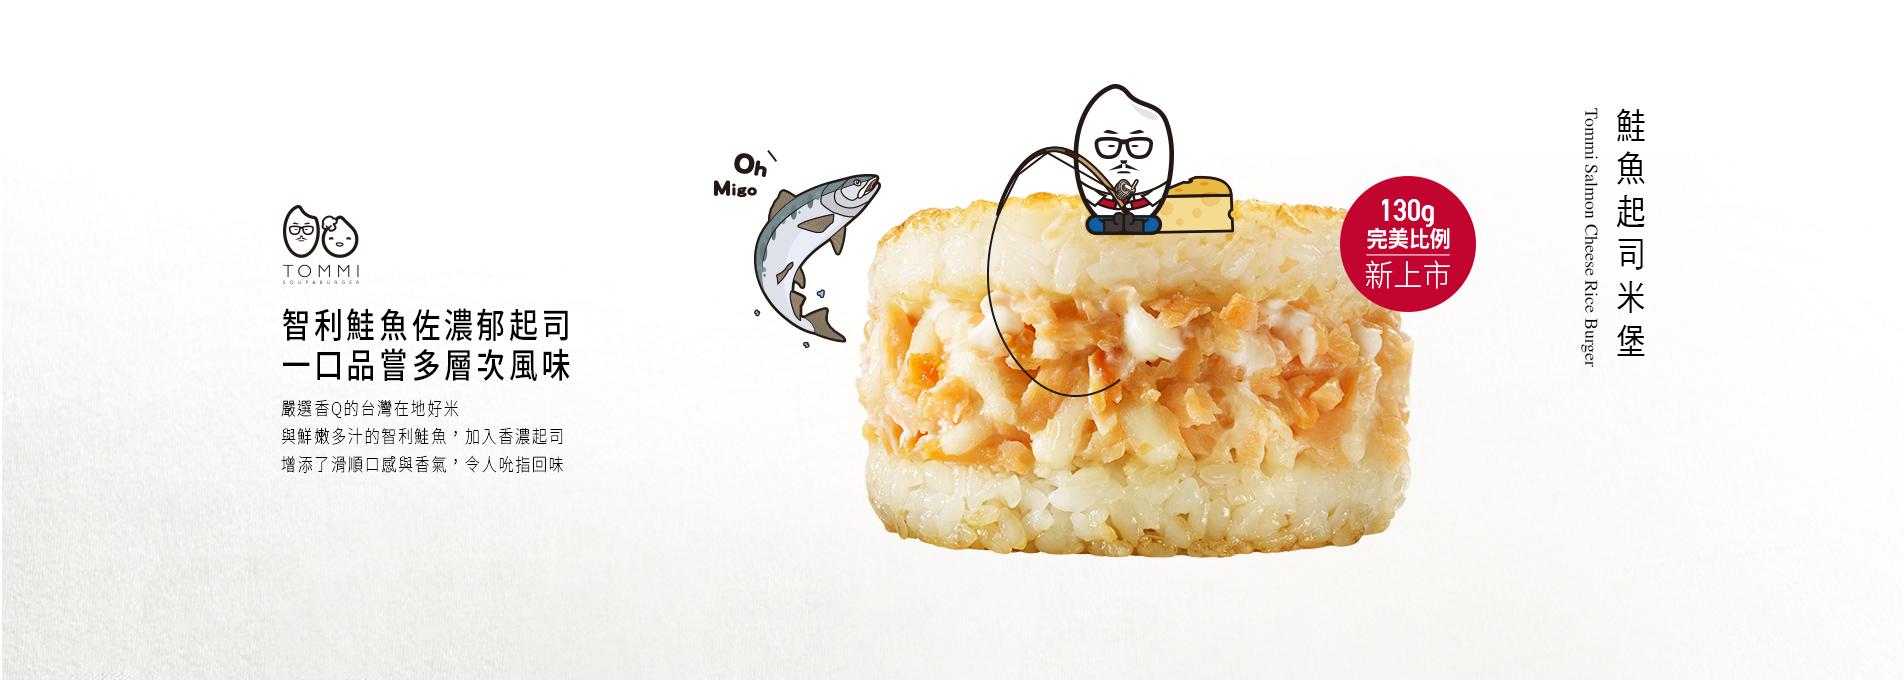 TOMMI鮭魚起司米堡(10入)